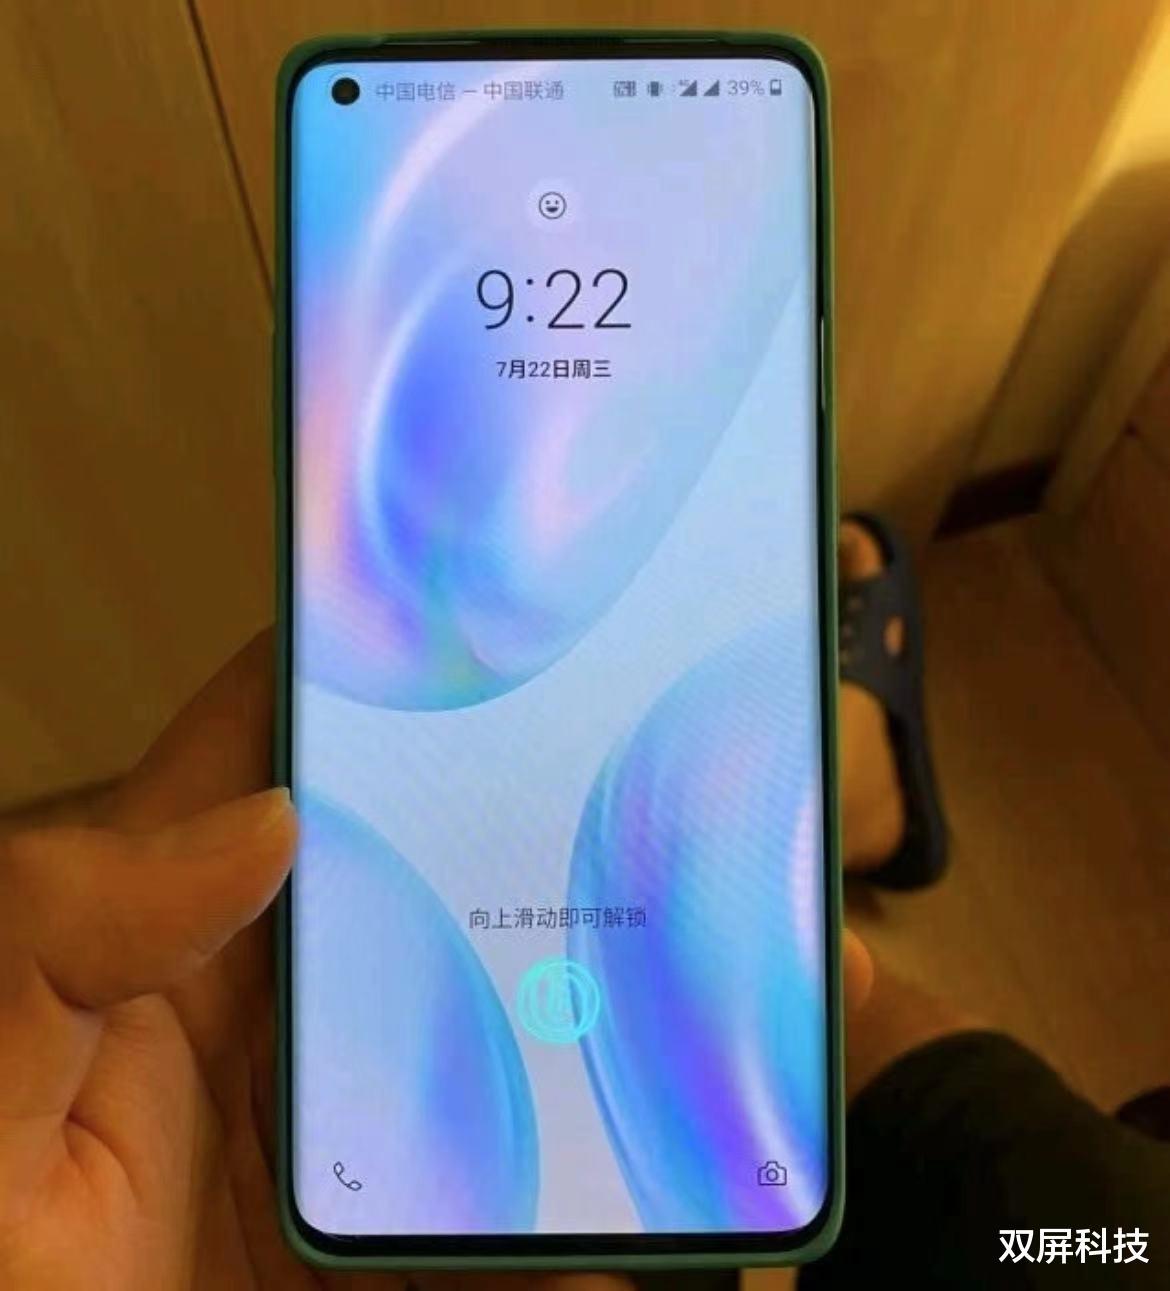 刘作虎,你的手机不放广告,怎么赚钱?比三星S21便宜一些 数码百科 第3张